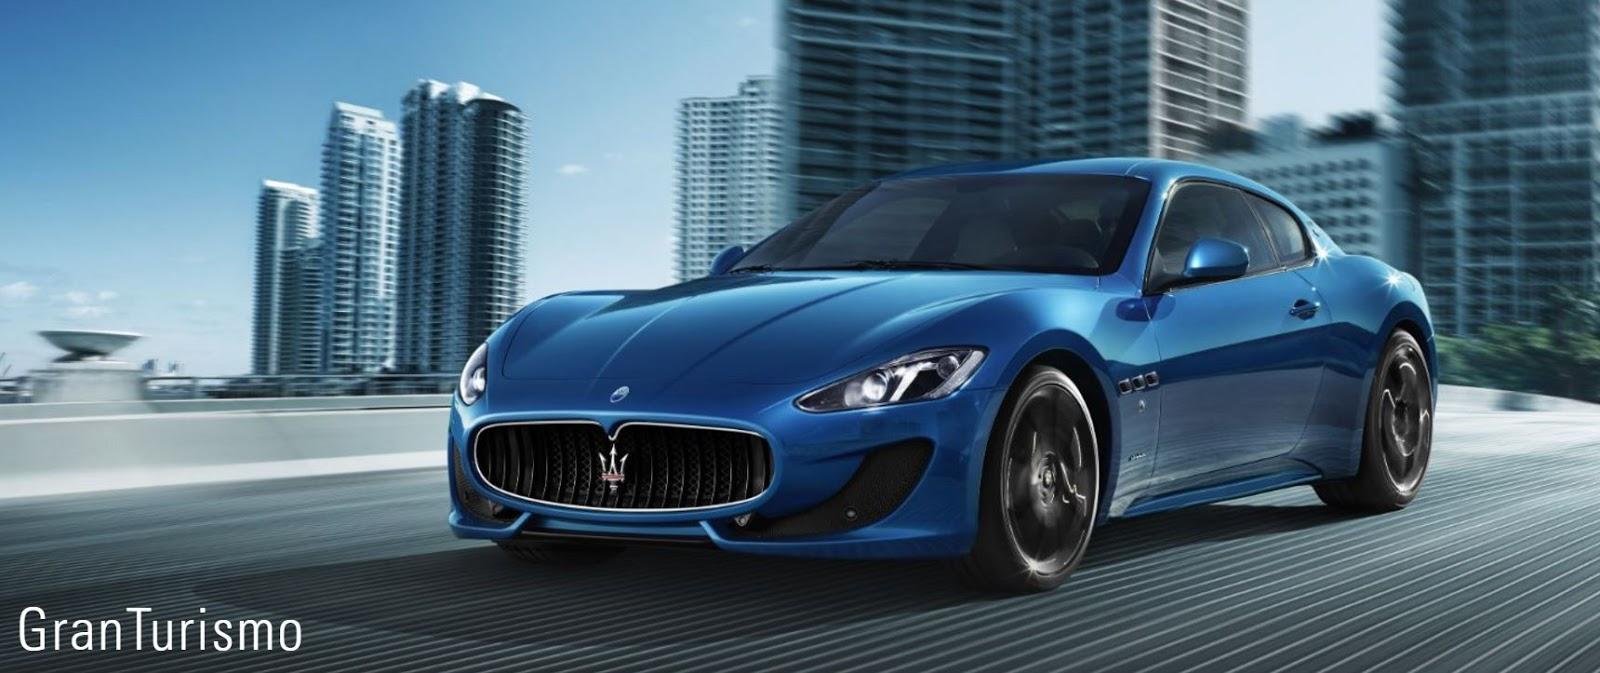 Maserati Gran Turismo | Dimensioni - Bagagliaio - Peso | Tutte le Misure